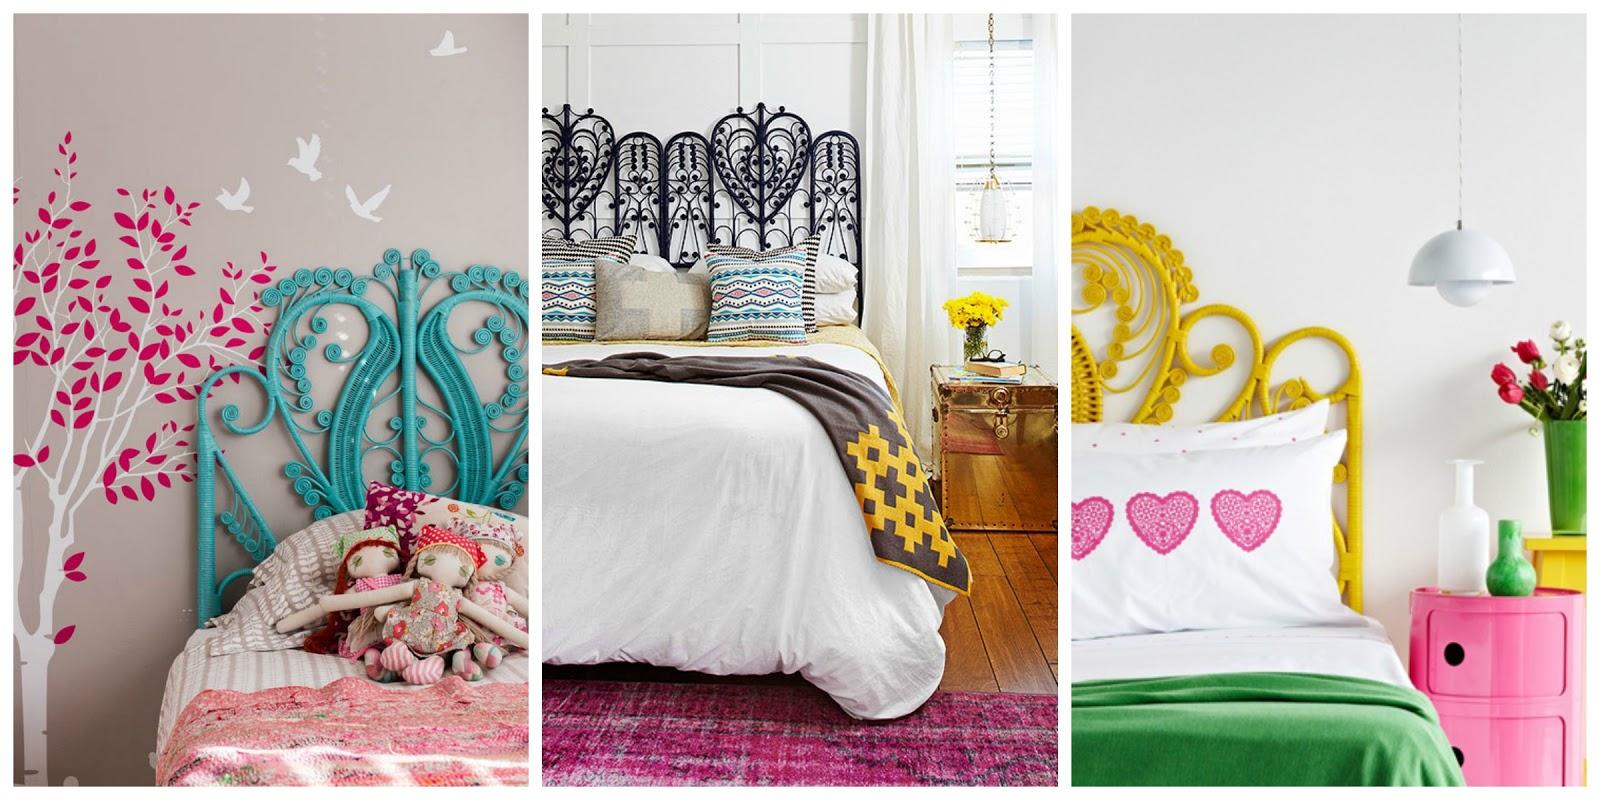 si optamos por cabeceros de mimbre pintados en colores conseguiremos que las habitaciones tengan un aire diferente en funcin del color elegido - Cabeceros Pintados